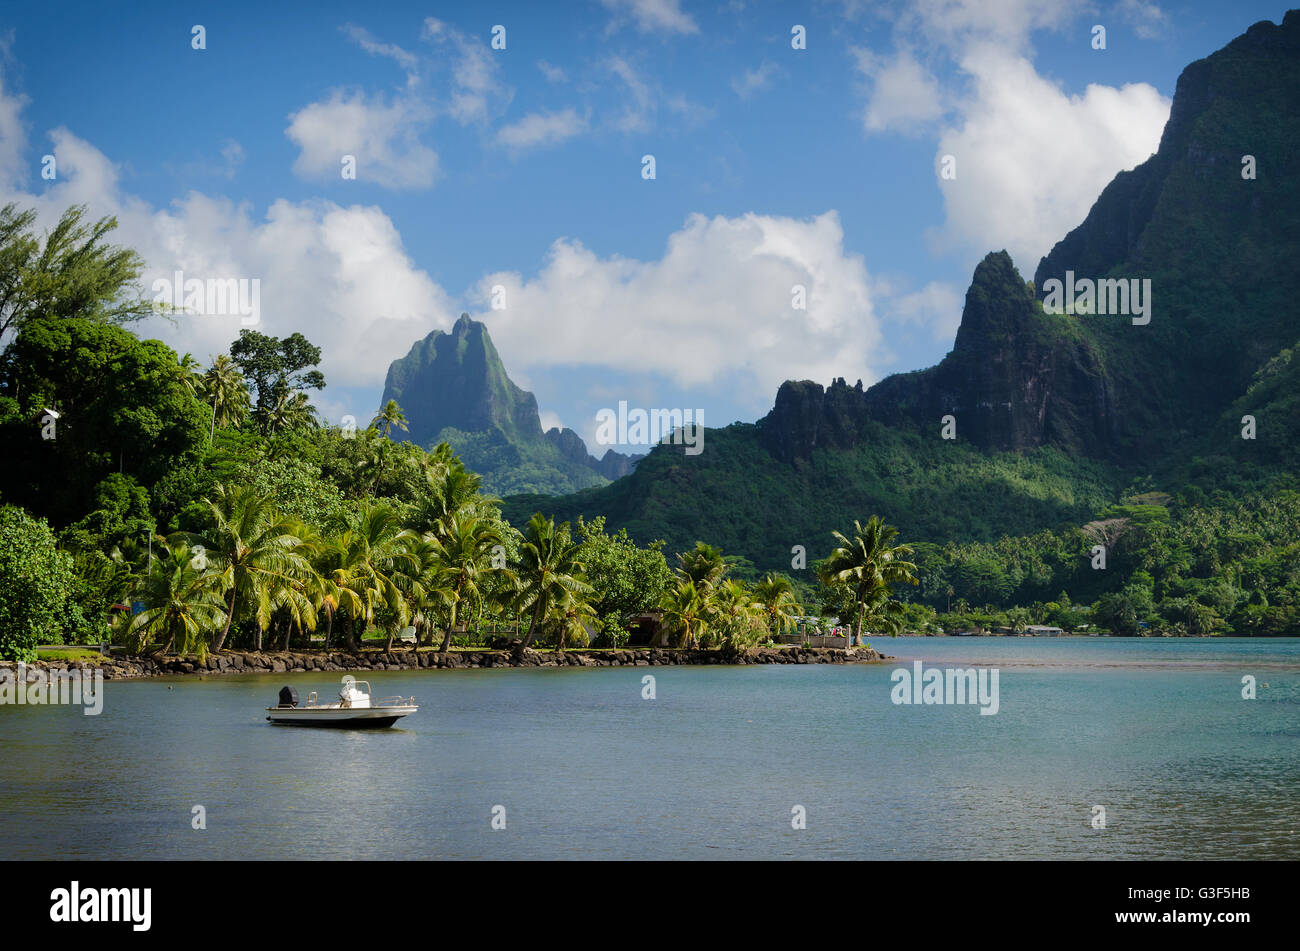 Barco en la Bahía de cocineros con Moua Puta montaña en el horizonte en un paisaje selvático tropical Imagen De Stock